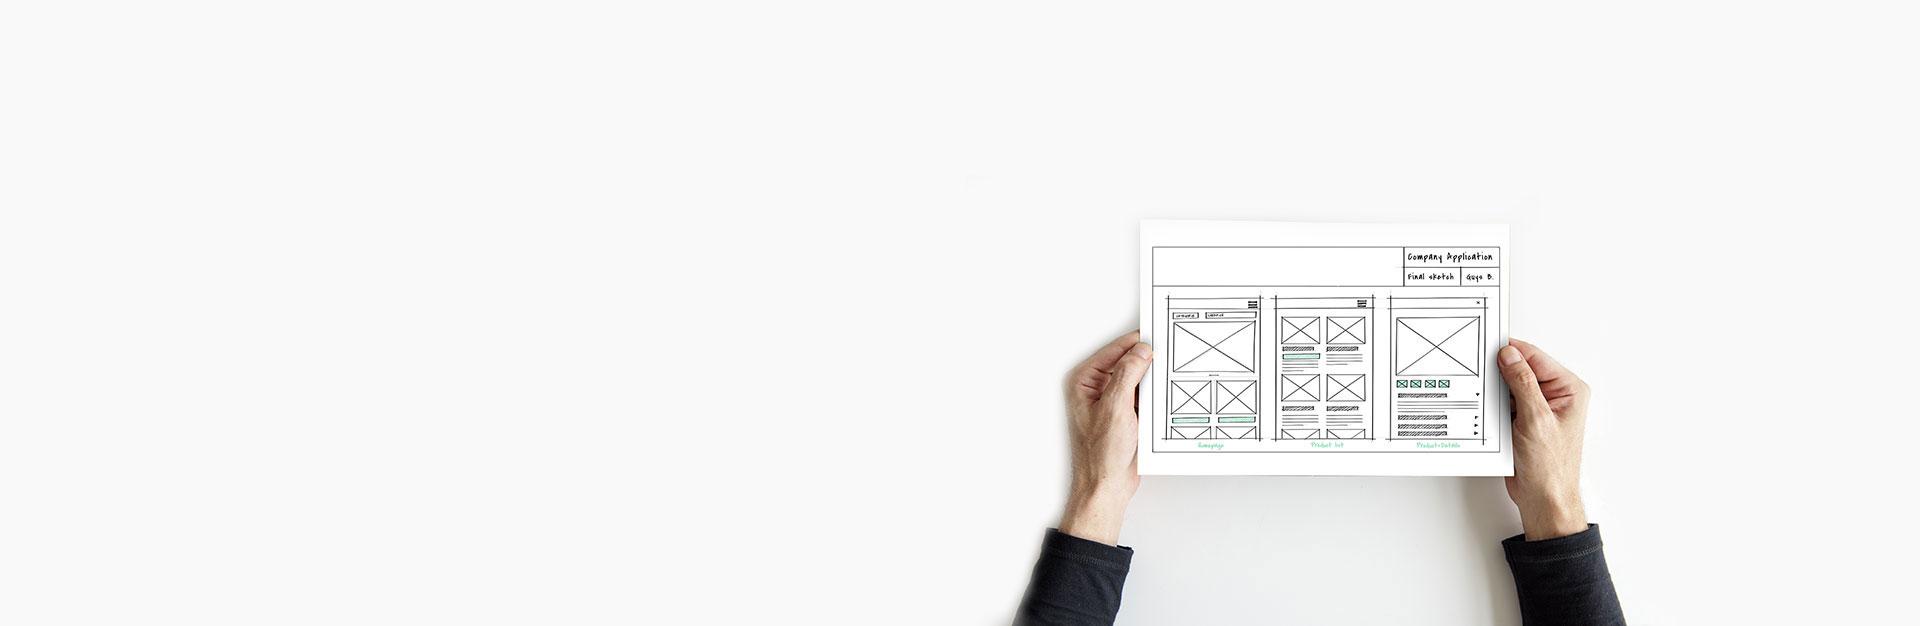 UX Design Services